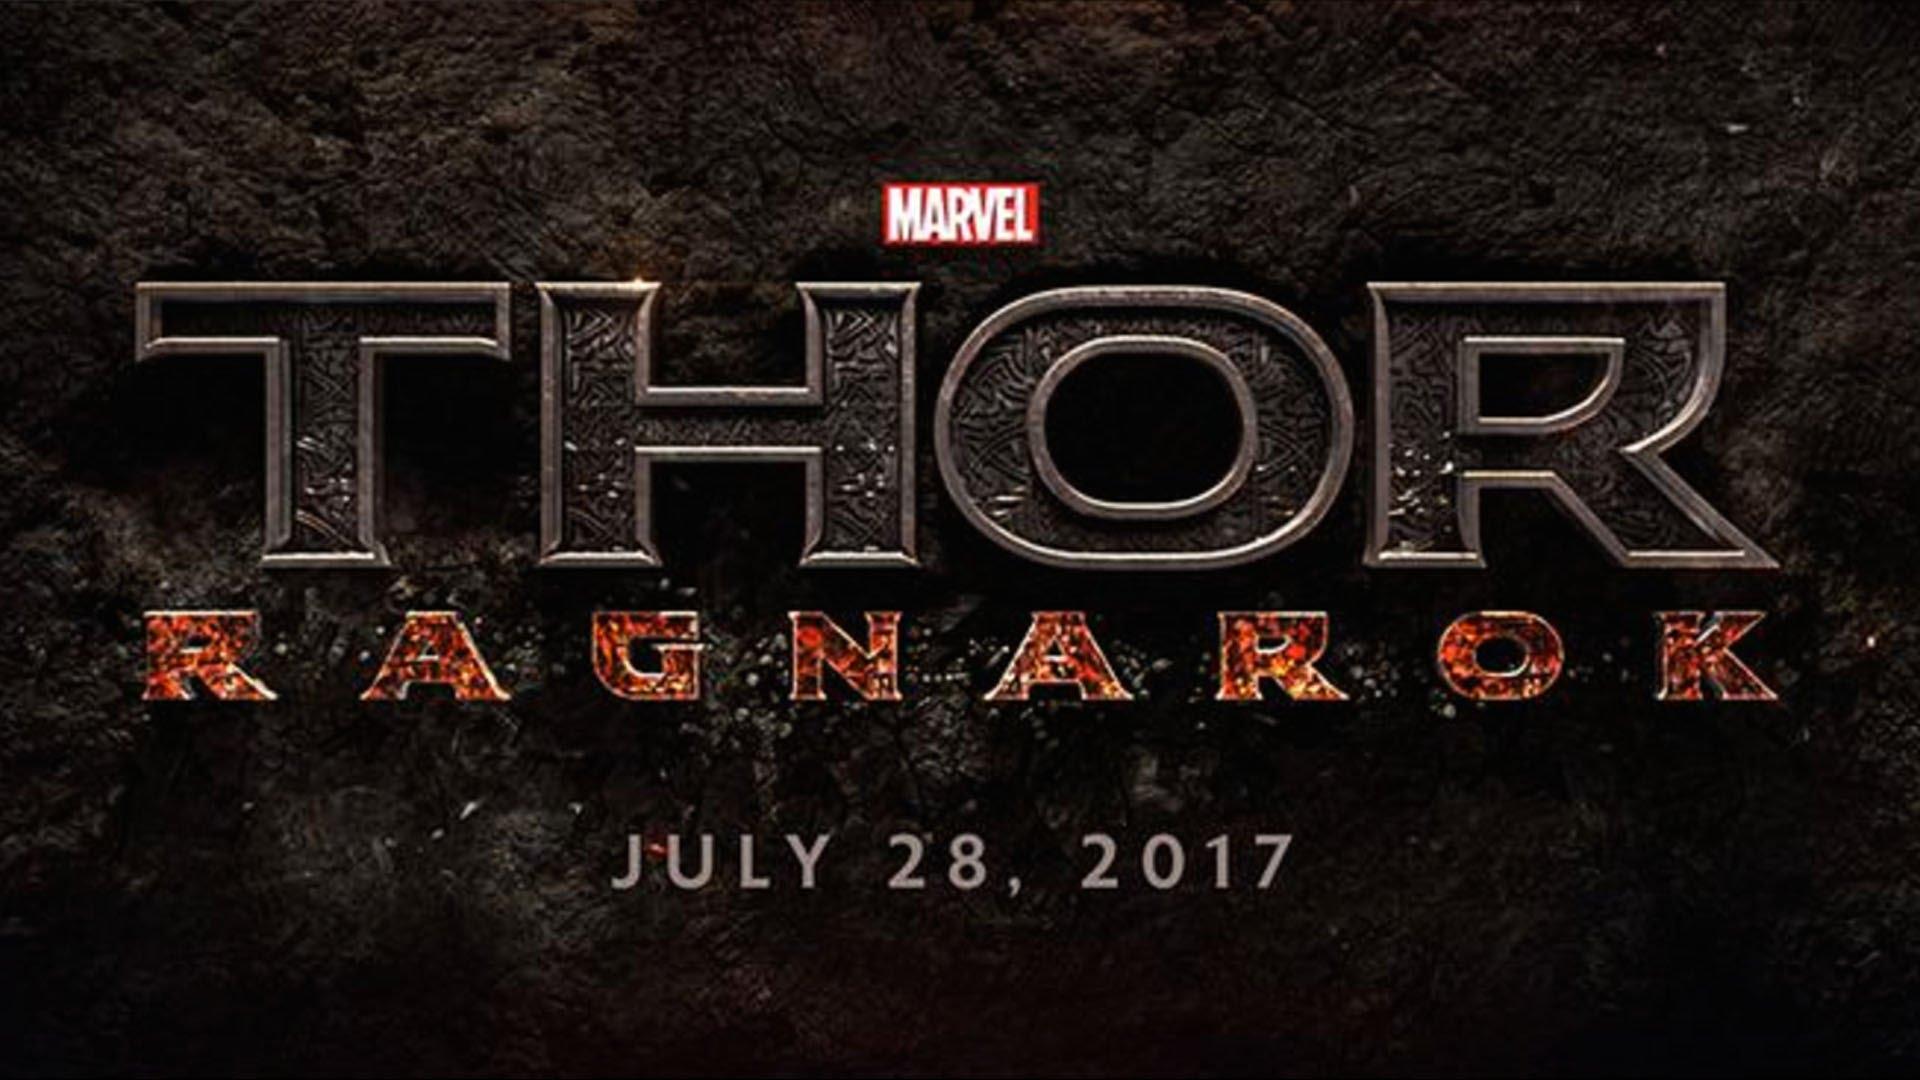 Thor 3 Ragnarok Wallpaper - Thor Ragnarok Movie Logo - HD Wallpaper